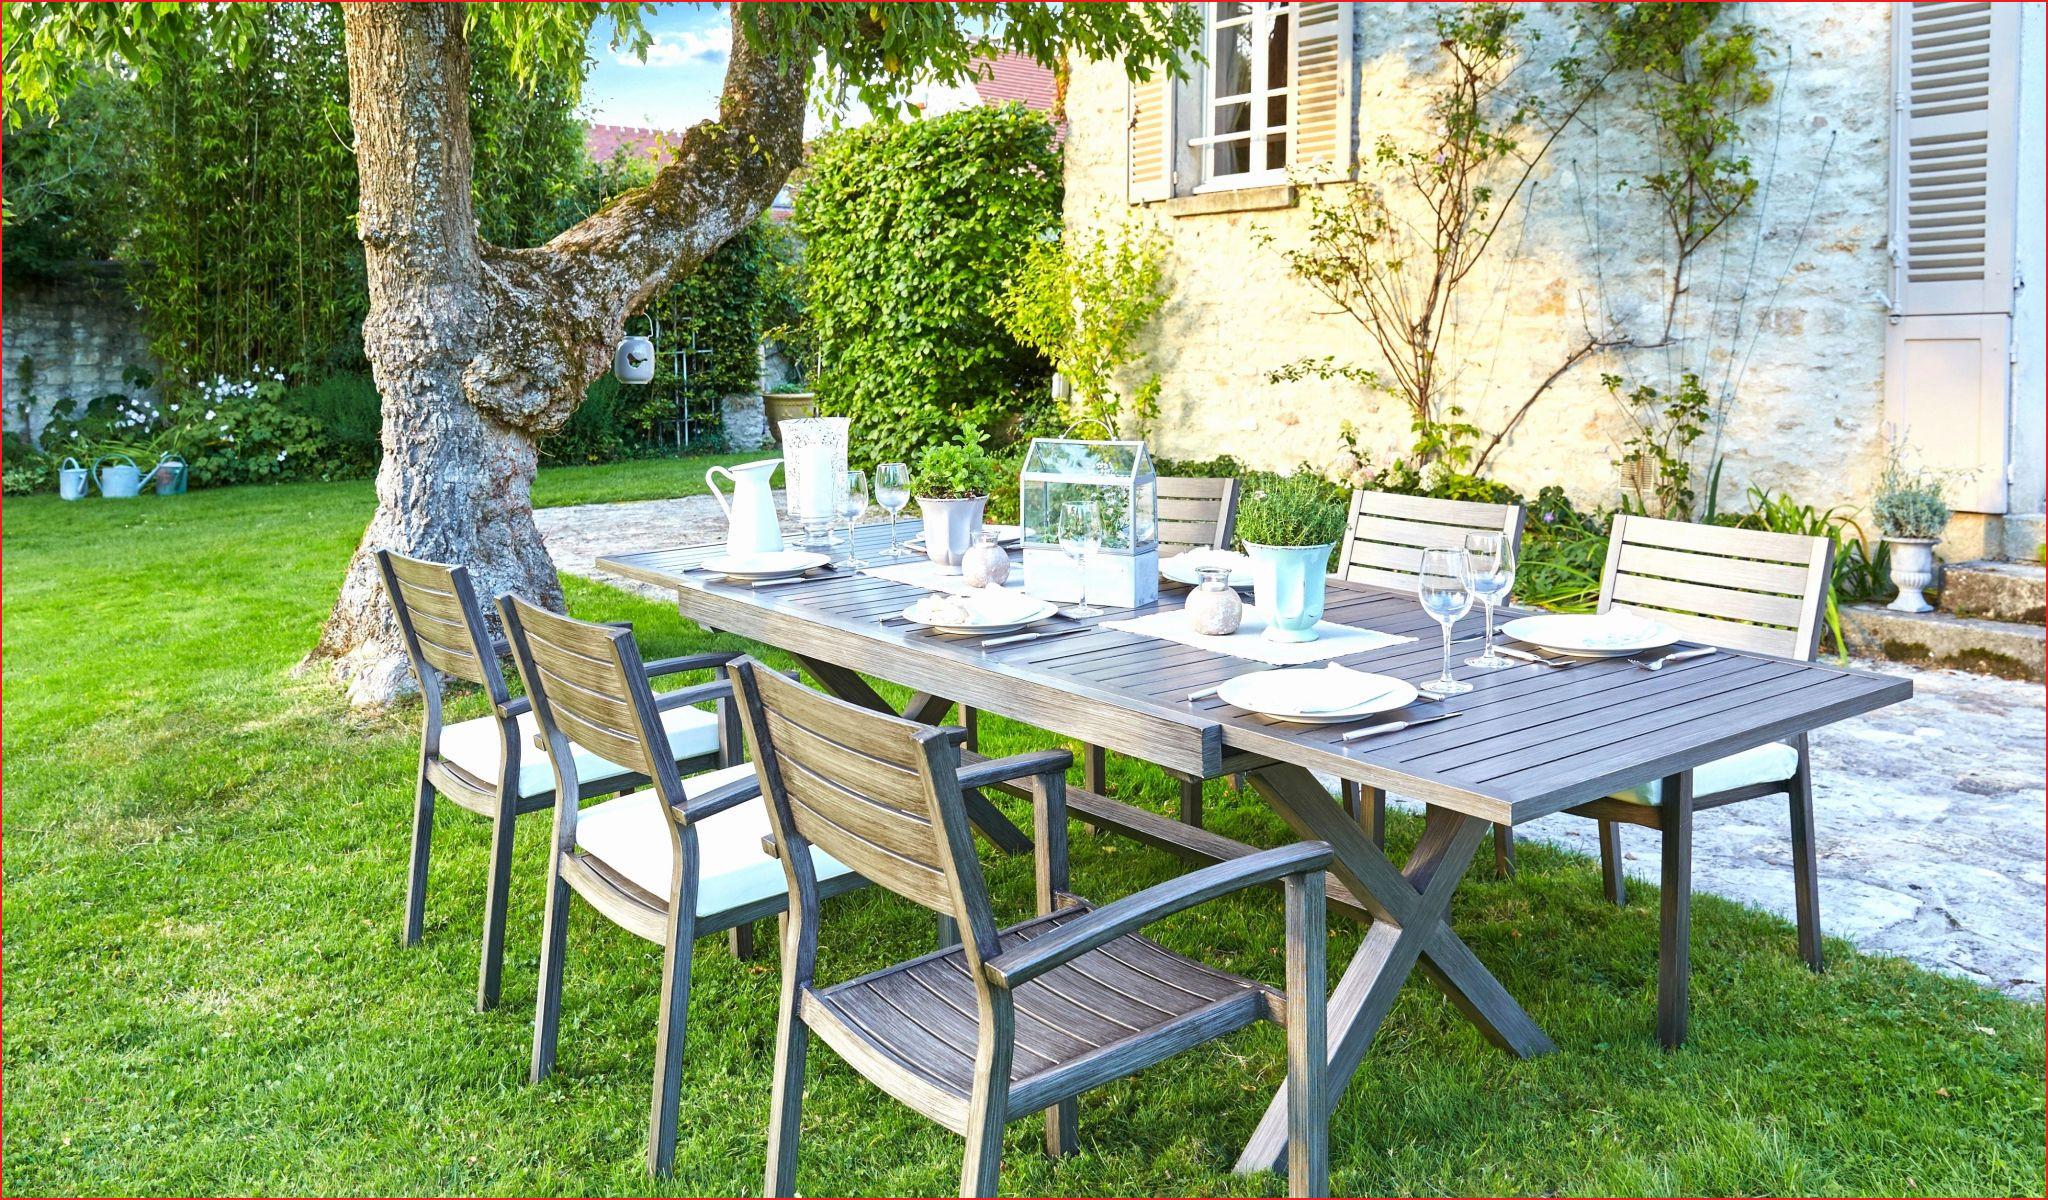 banc pour jardin banc jardin bois ou banc de jardin bois beau banc bois jardin fresh of banc pour jardin